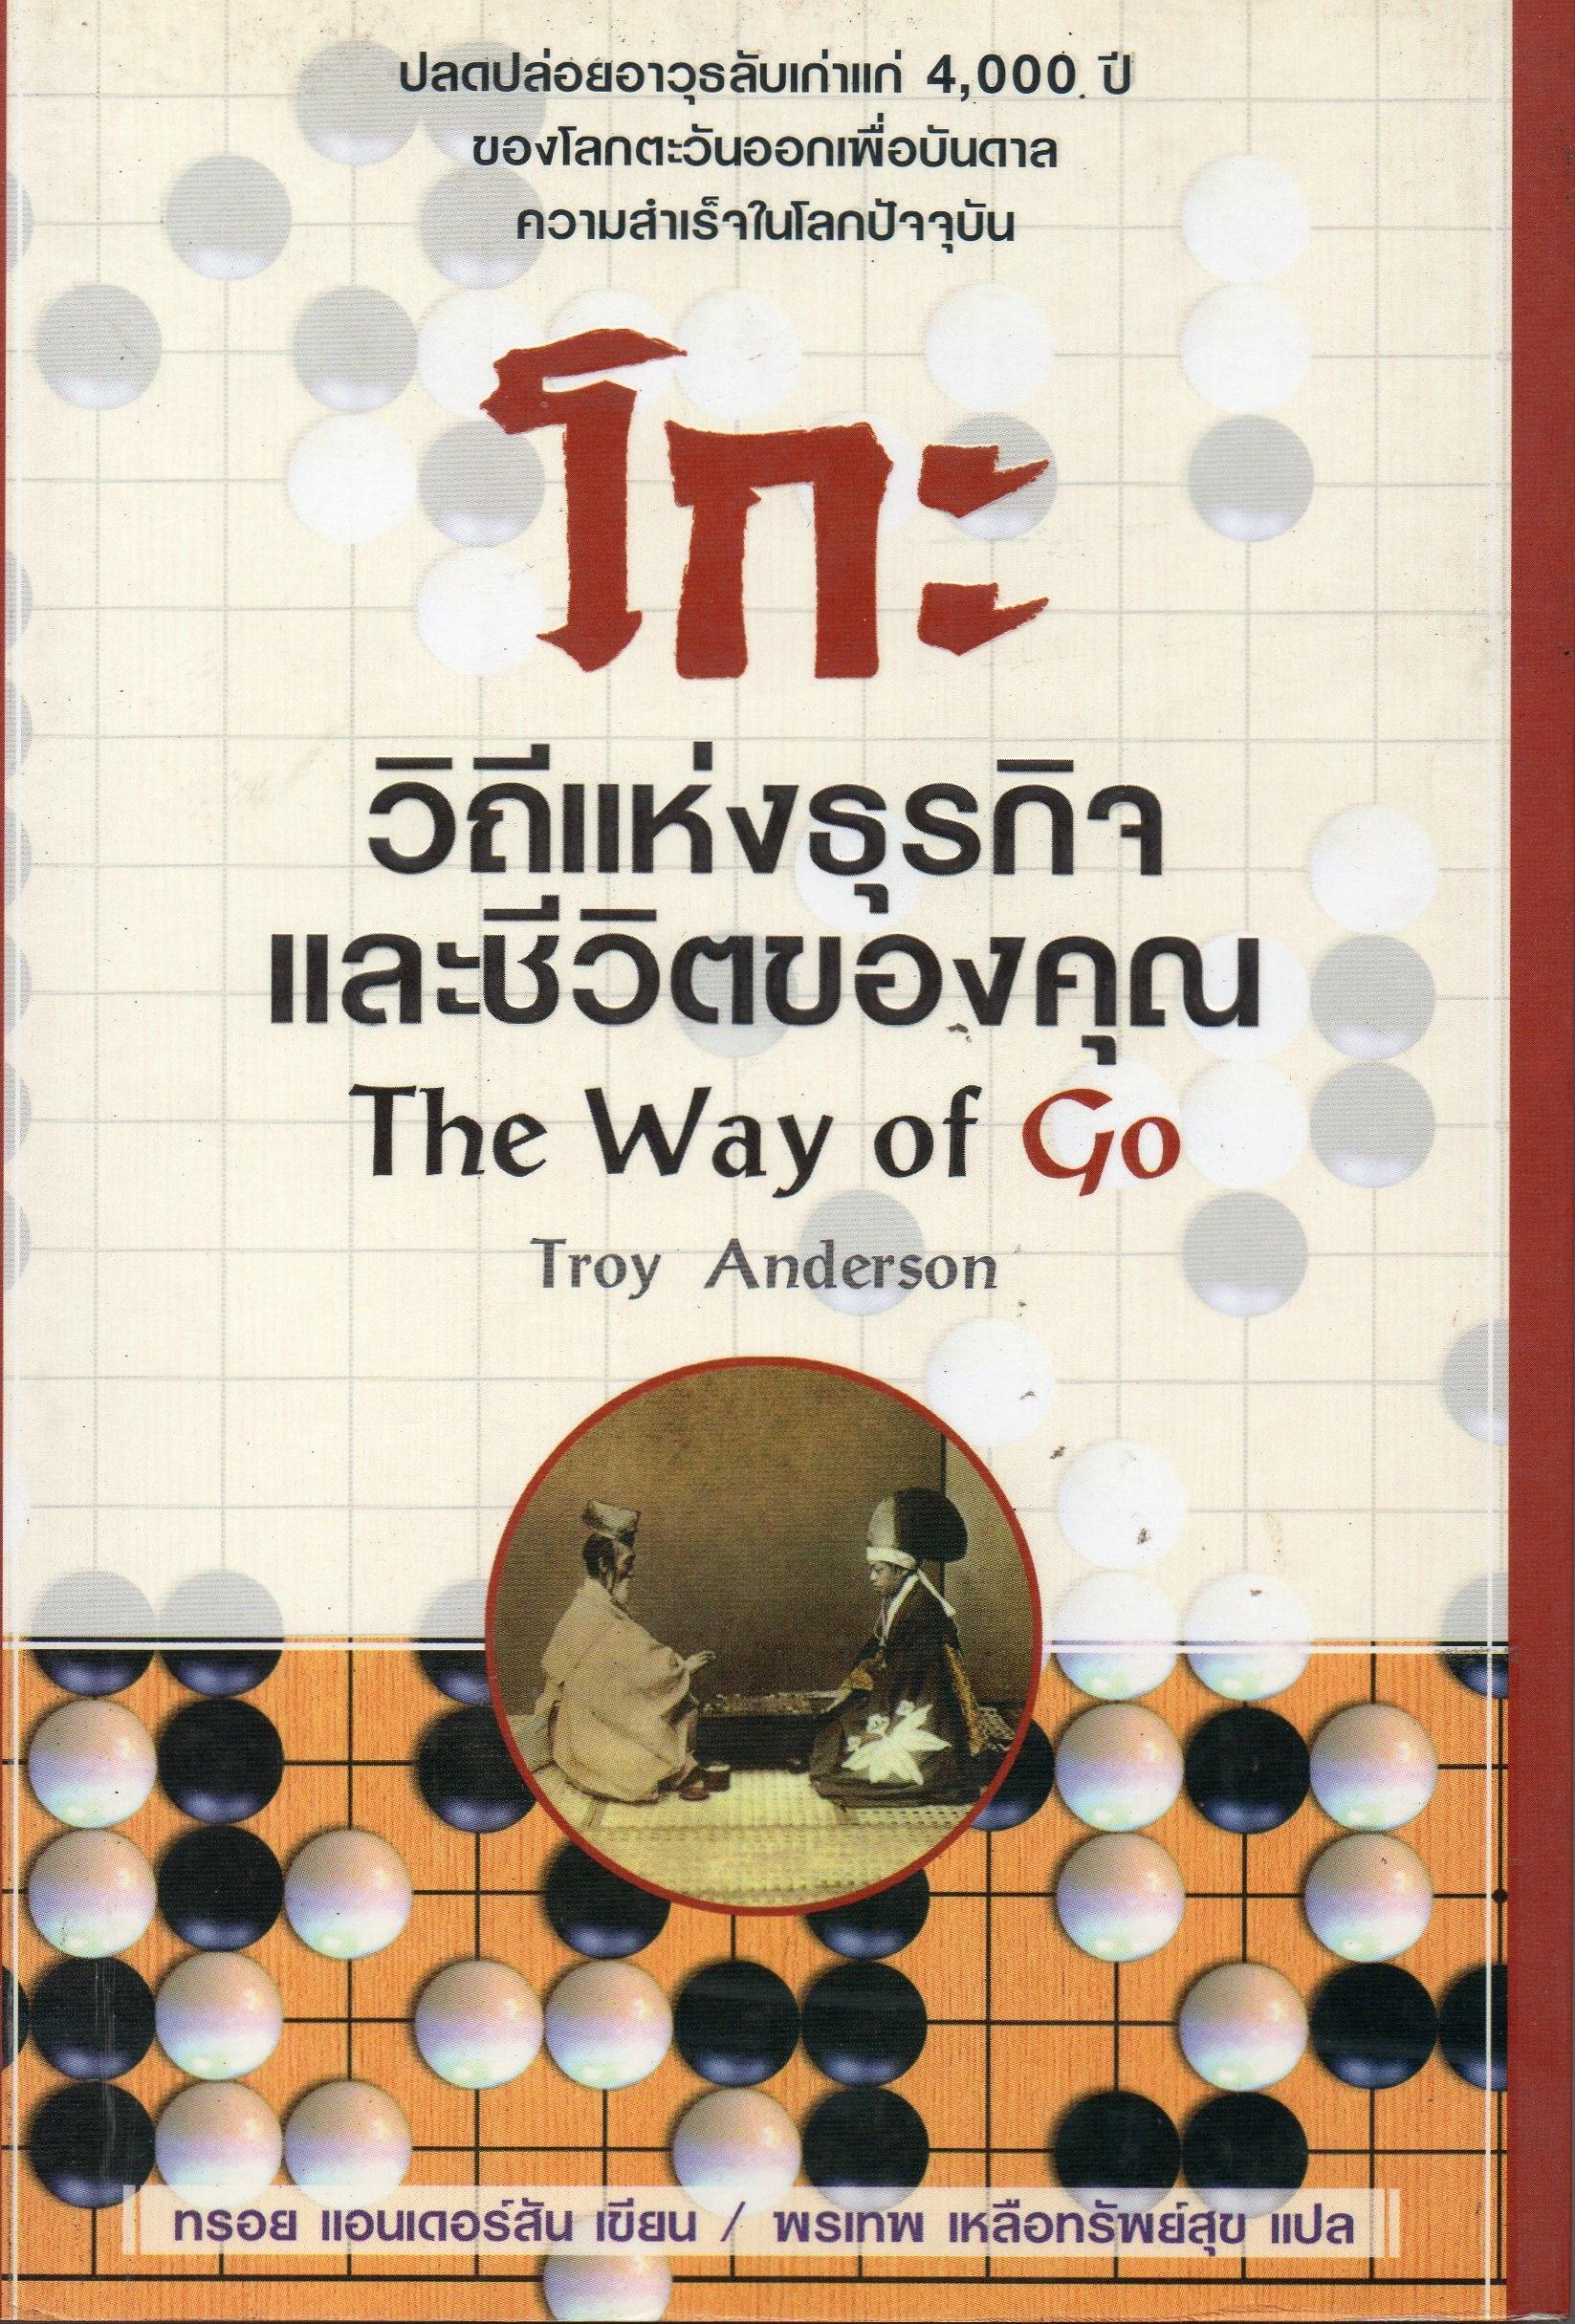 โกะ วิถีแห่งธุรกิจและชีวิตของคุณ (The Way of Go)